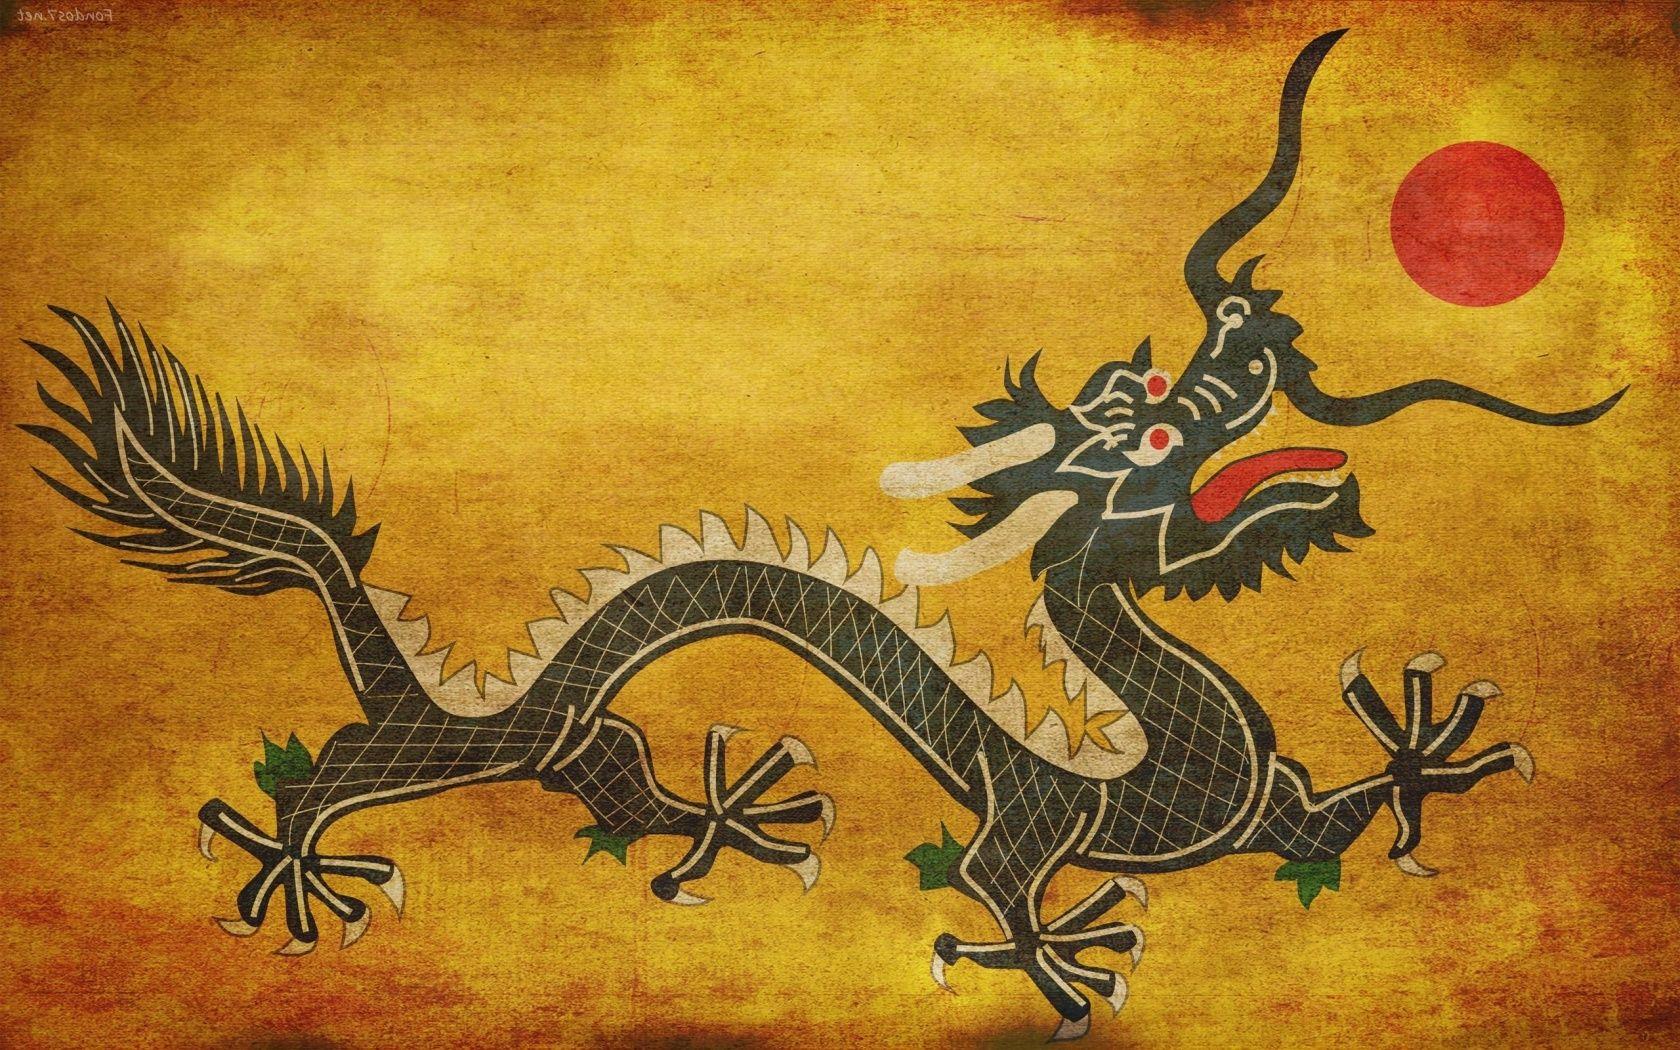 Cuộc bảo vệ mỏ đồng Tụ Long trước hoạt động xâm lấn của người Hán